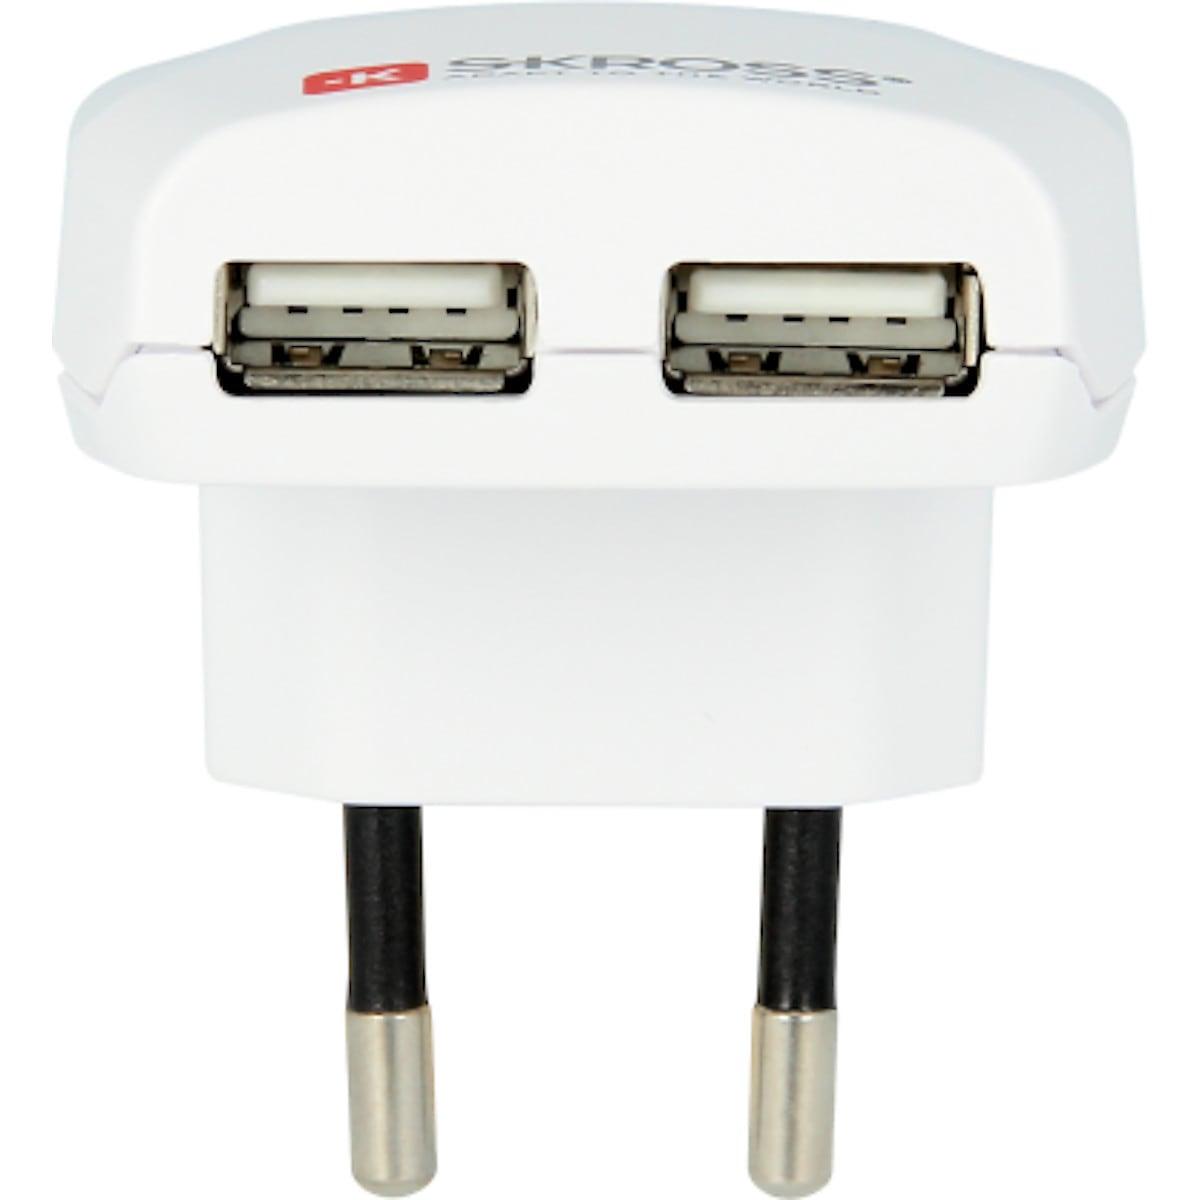 USB-laturi, jossa on kaksi liitäntää, SKROSS.